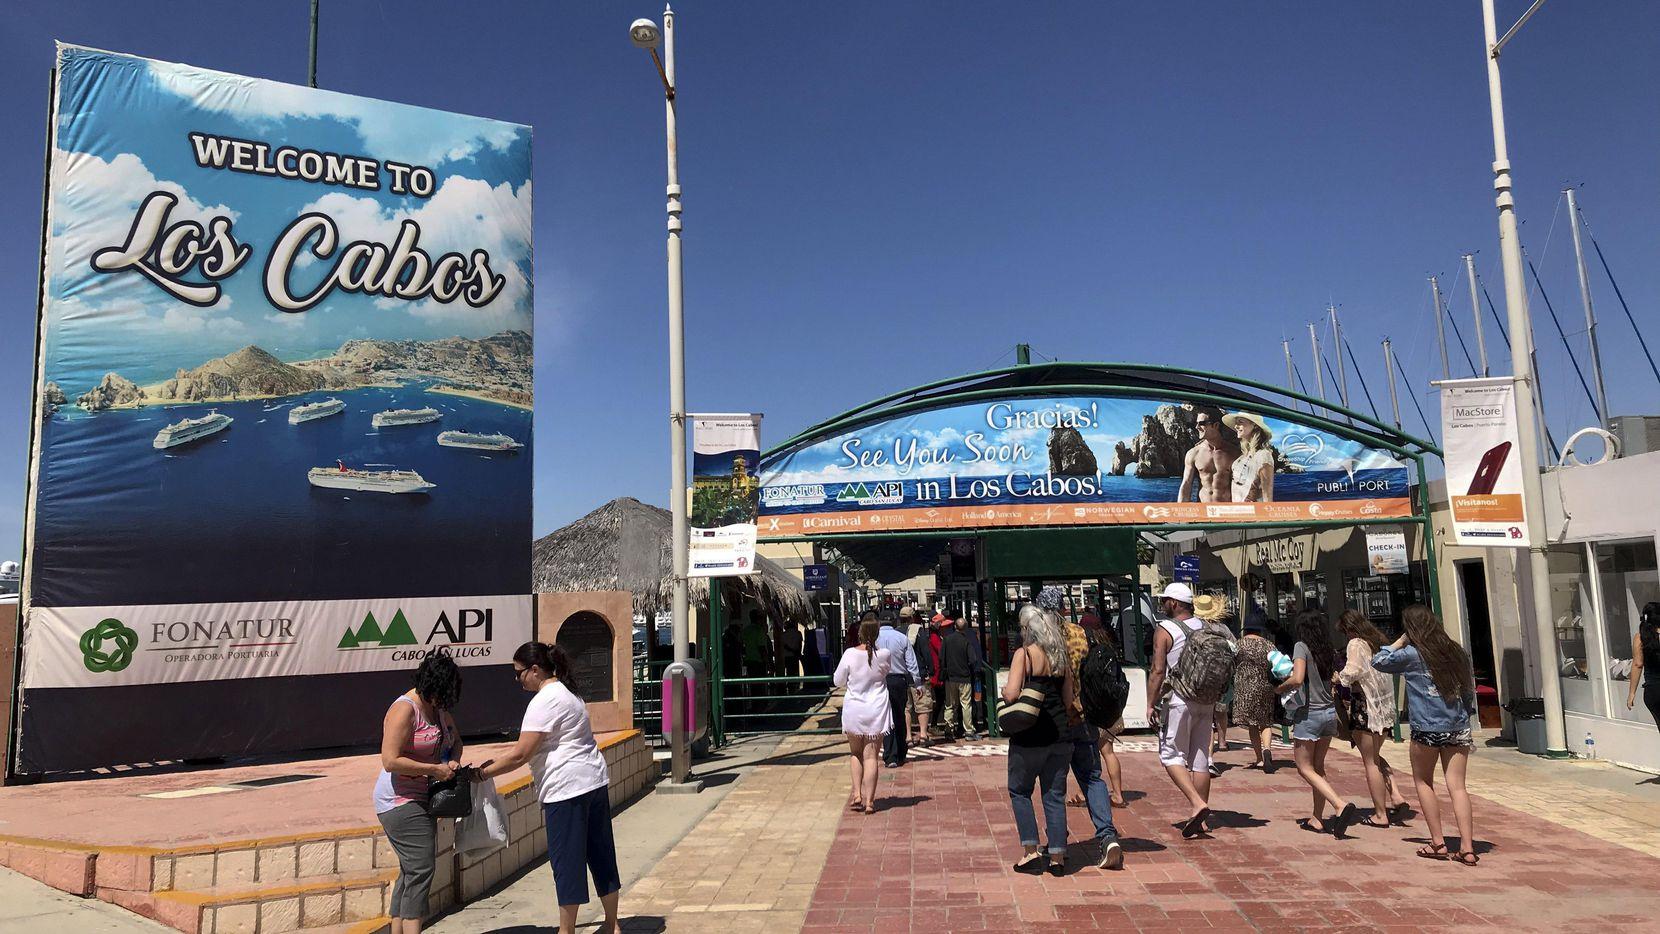 Turistas a su llegada a Cabo San Lucas, uno de los destinos en México preferidos por los turistas extranjeros. (AFP/Getty Images/DANIEL SLIM)